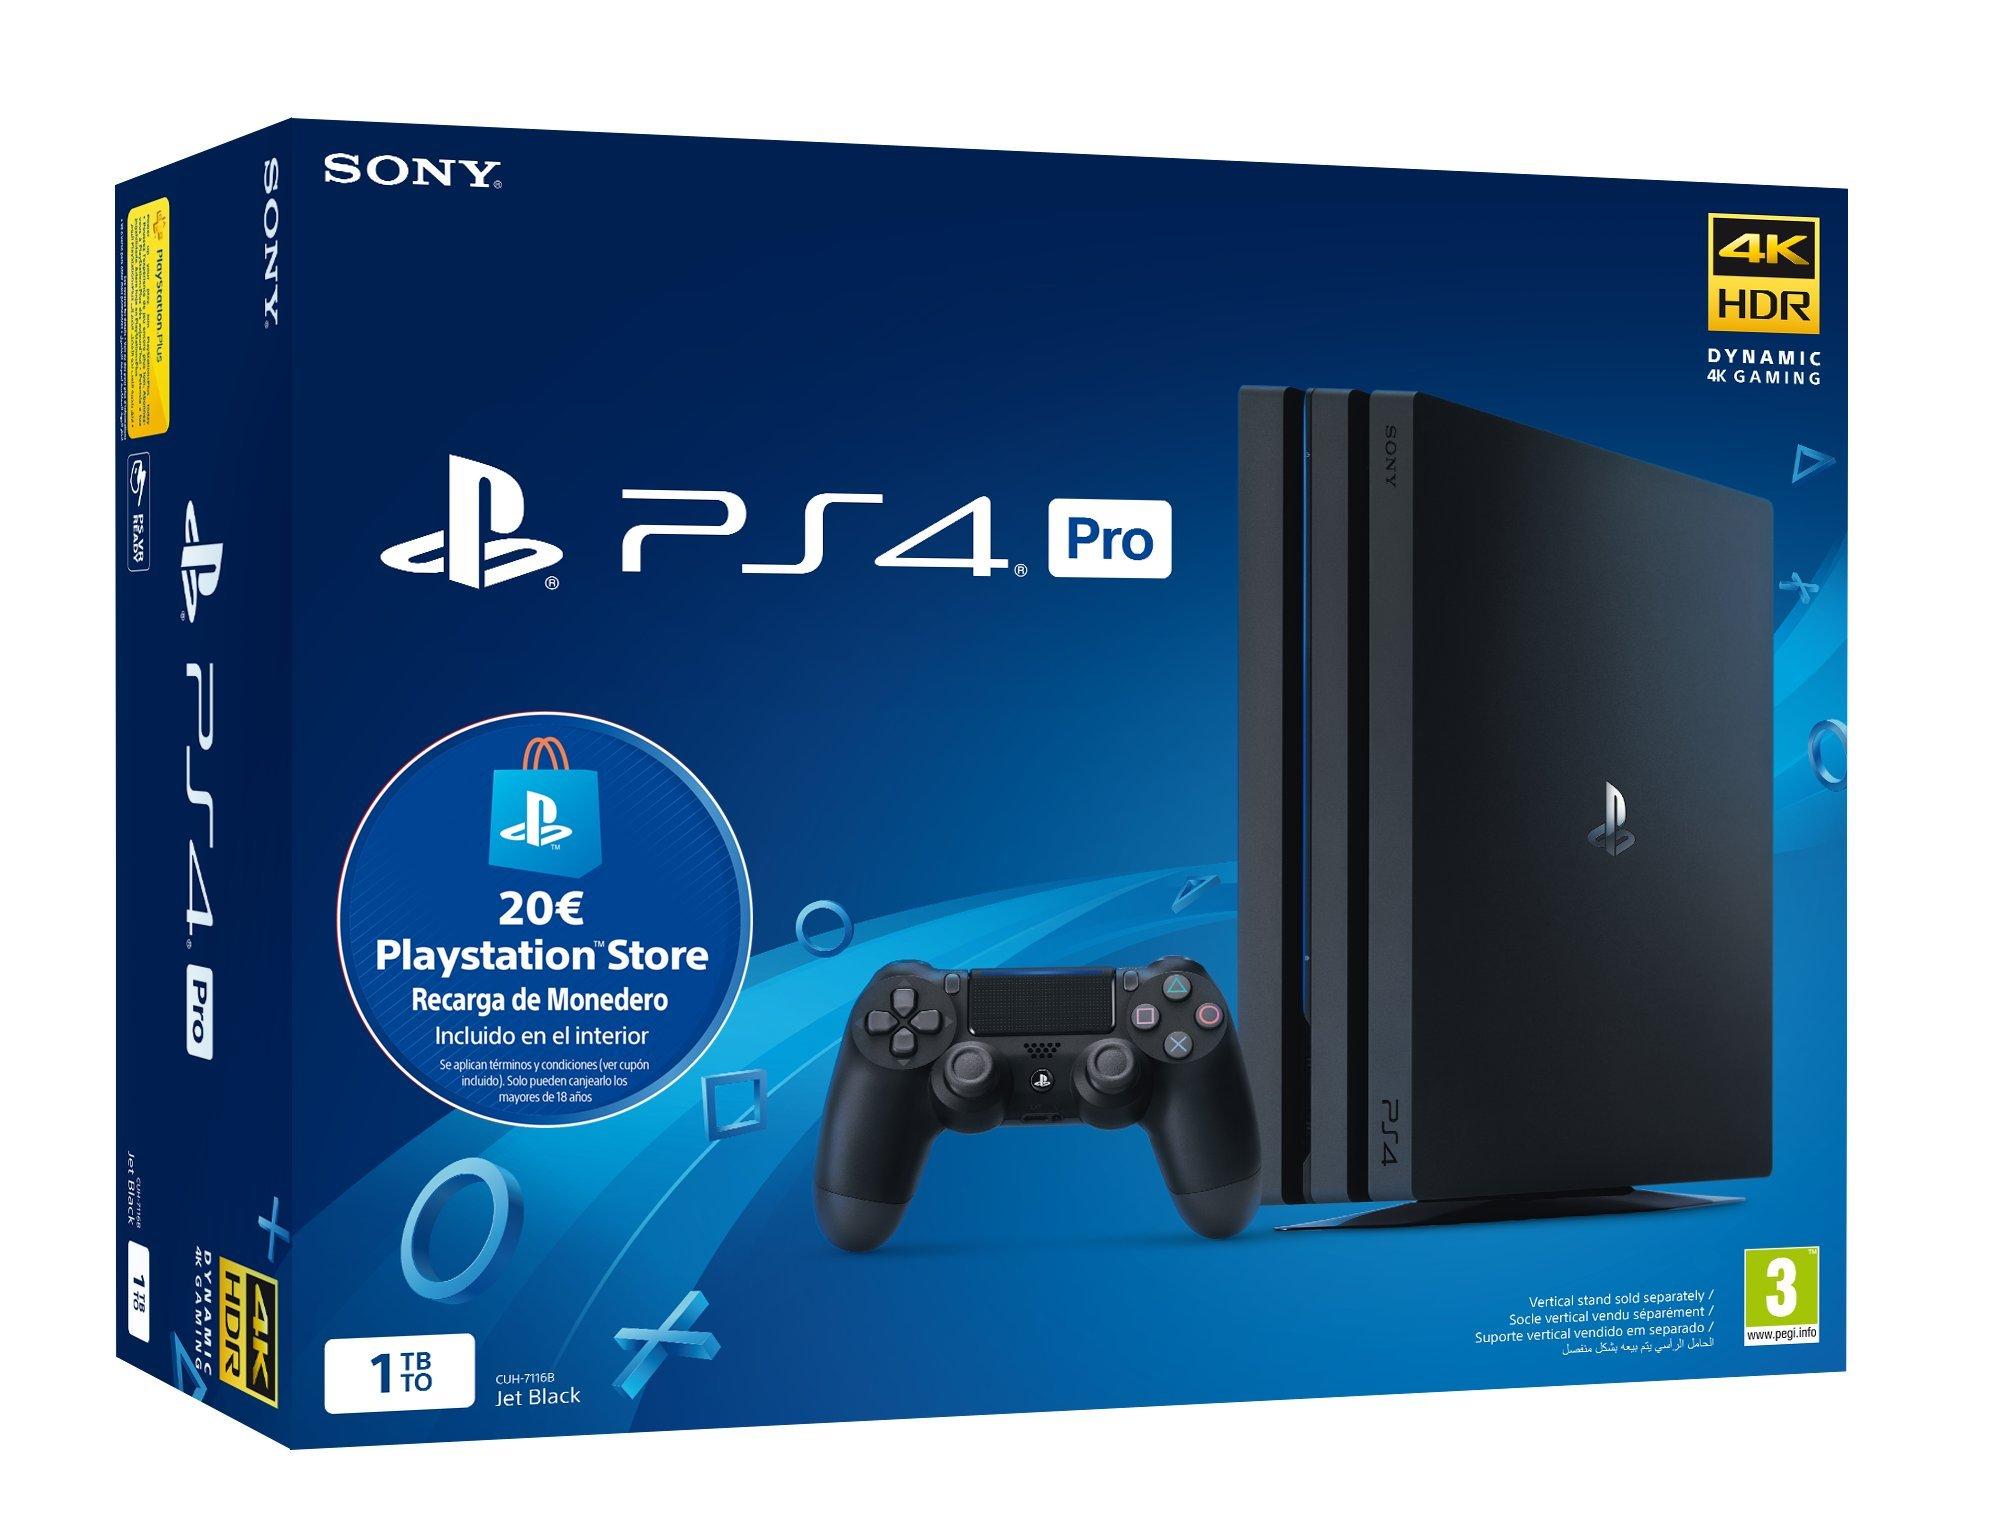 Sony Playstation 4 Pro (PS4) Consola de 1TB + 20 euros Tarjeta Prepago (Edición Exclusiva Amazon) - nuevo chasis G: Amazon.es: Videojuegos